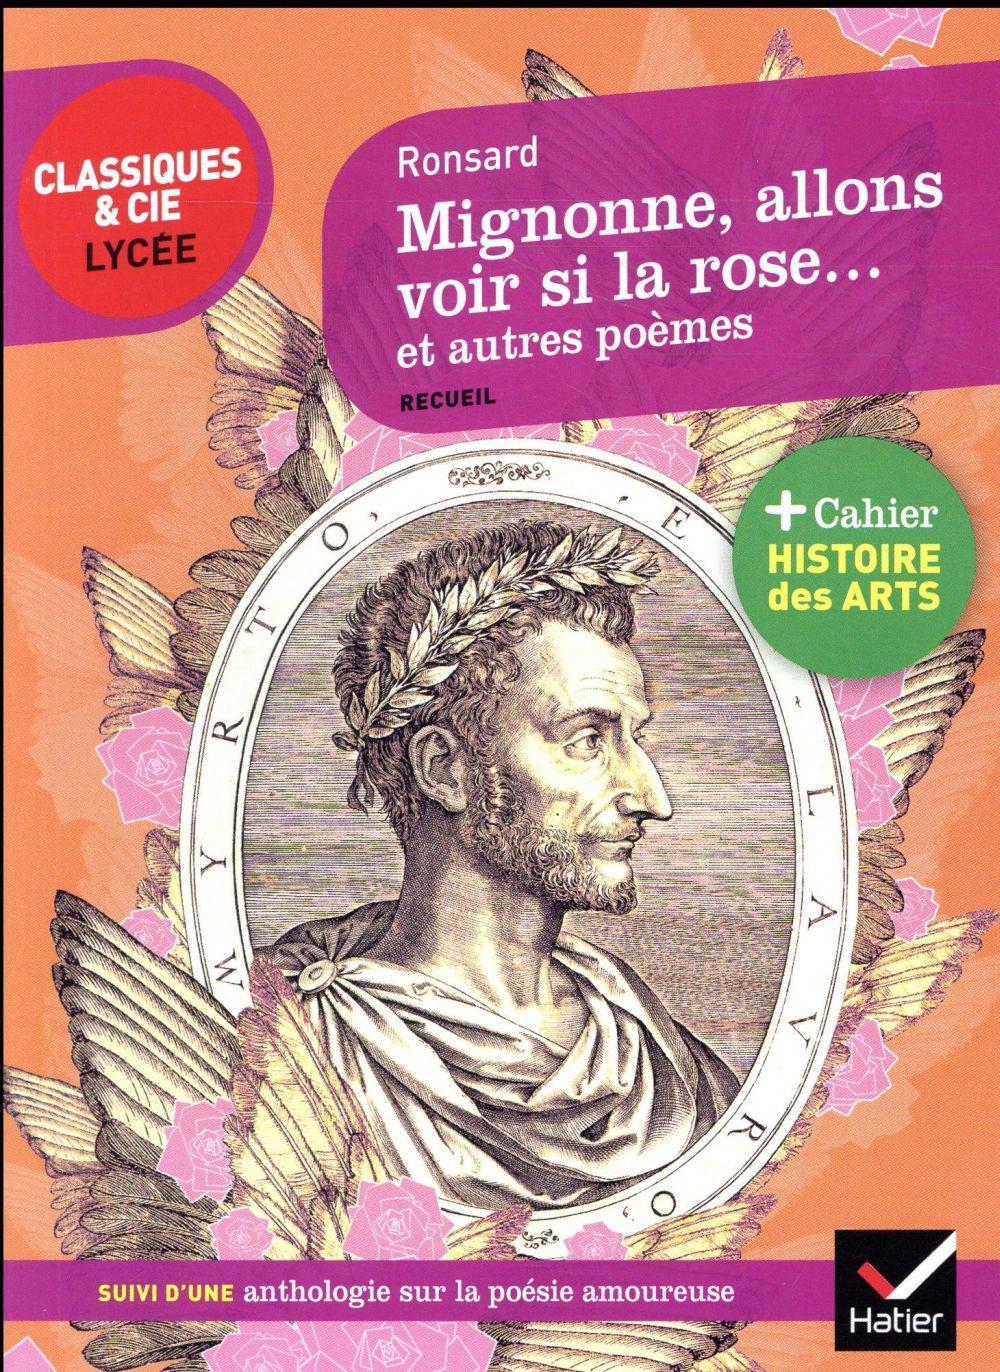 Mignonne Allons Voir Si La Rose Analyse : mignonne, allons, analyse, Mignonne, Allons, Autres, Poèmes, Pierre, Ronsard